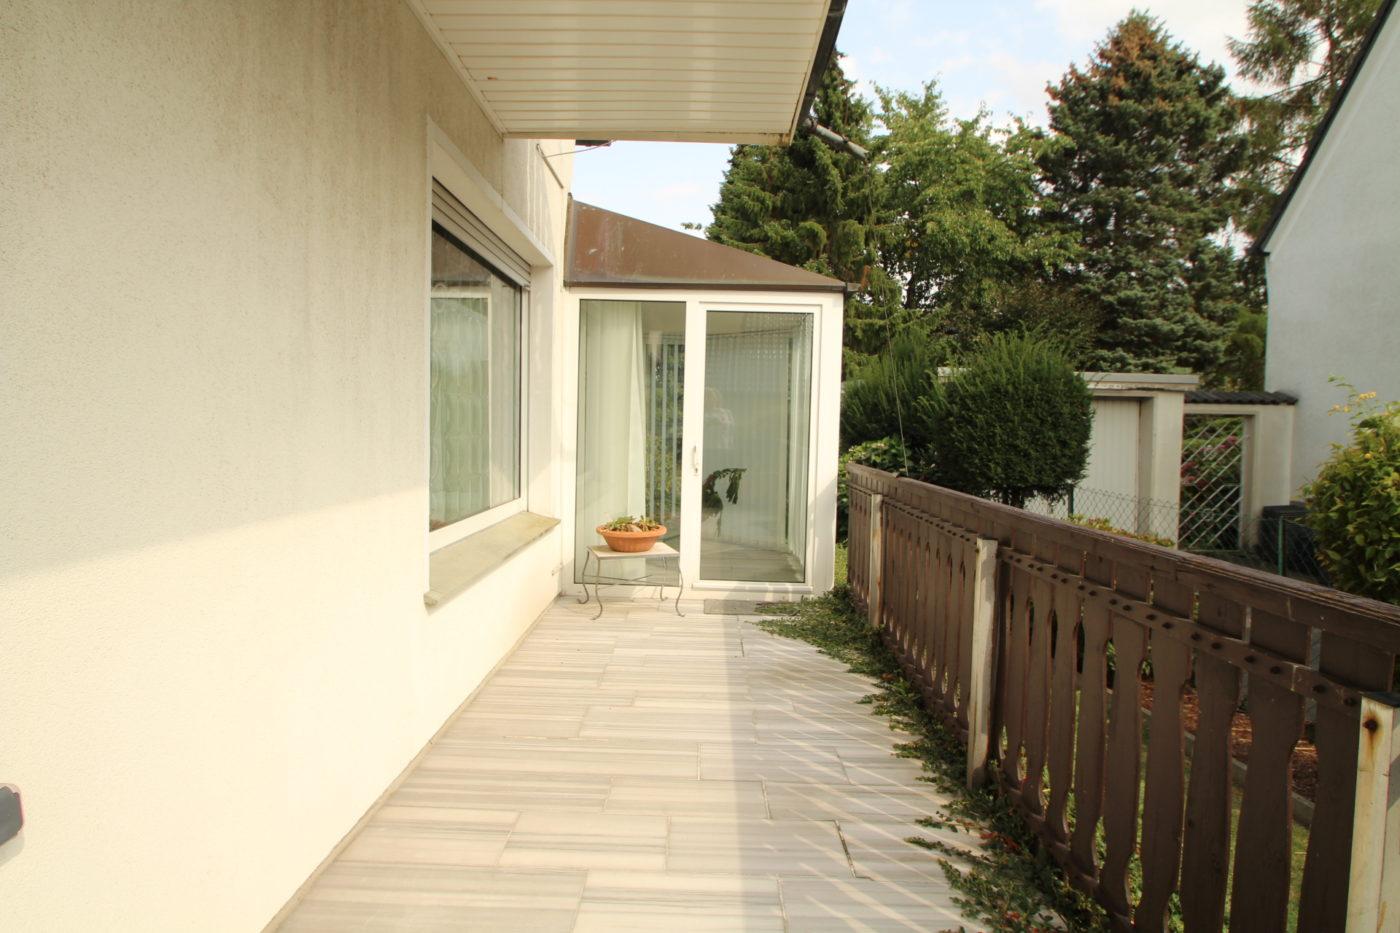 Vorher Foto Blickfang Home Staging. Der Aussenbereich wird oft vernachlässigt. Gerade beim Verkauf sollte auch hier auf eine optimale Immobilienpräsentation geachtet werden